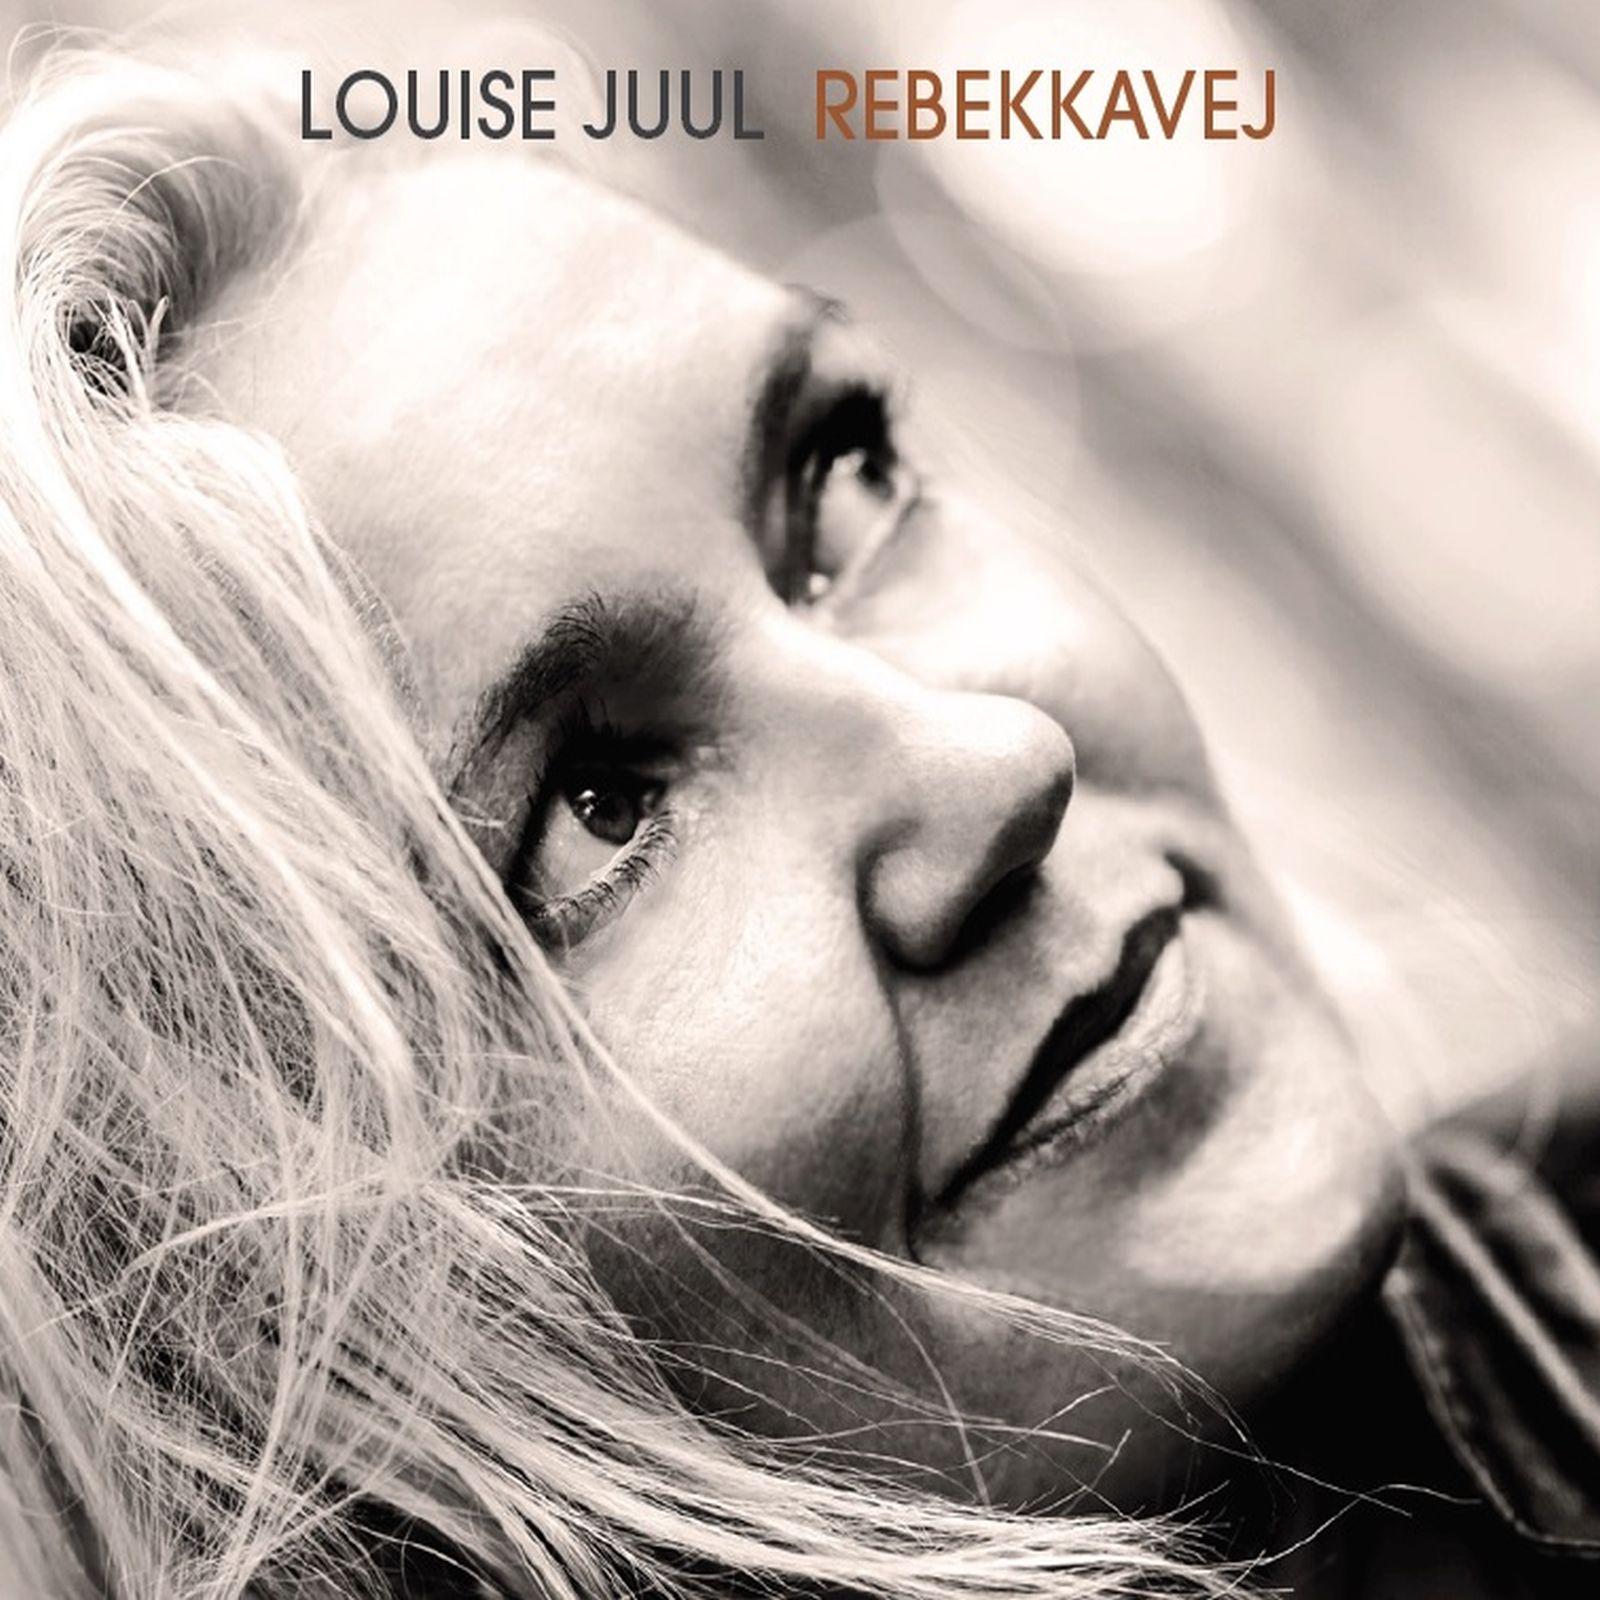 Louise Juul – Rebekkavej